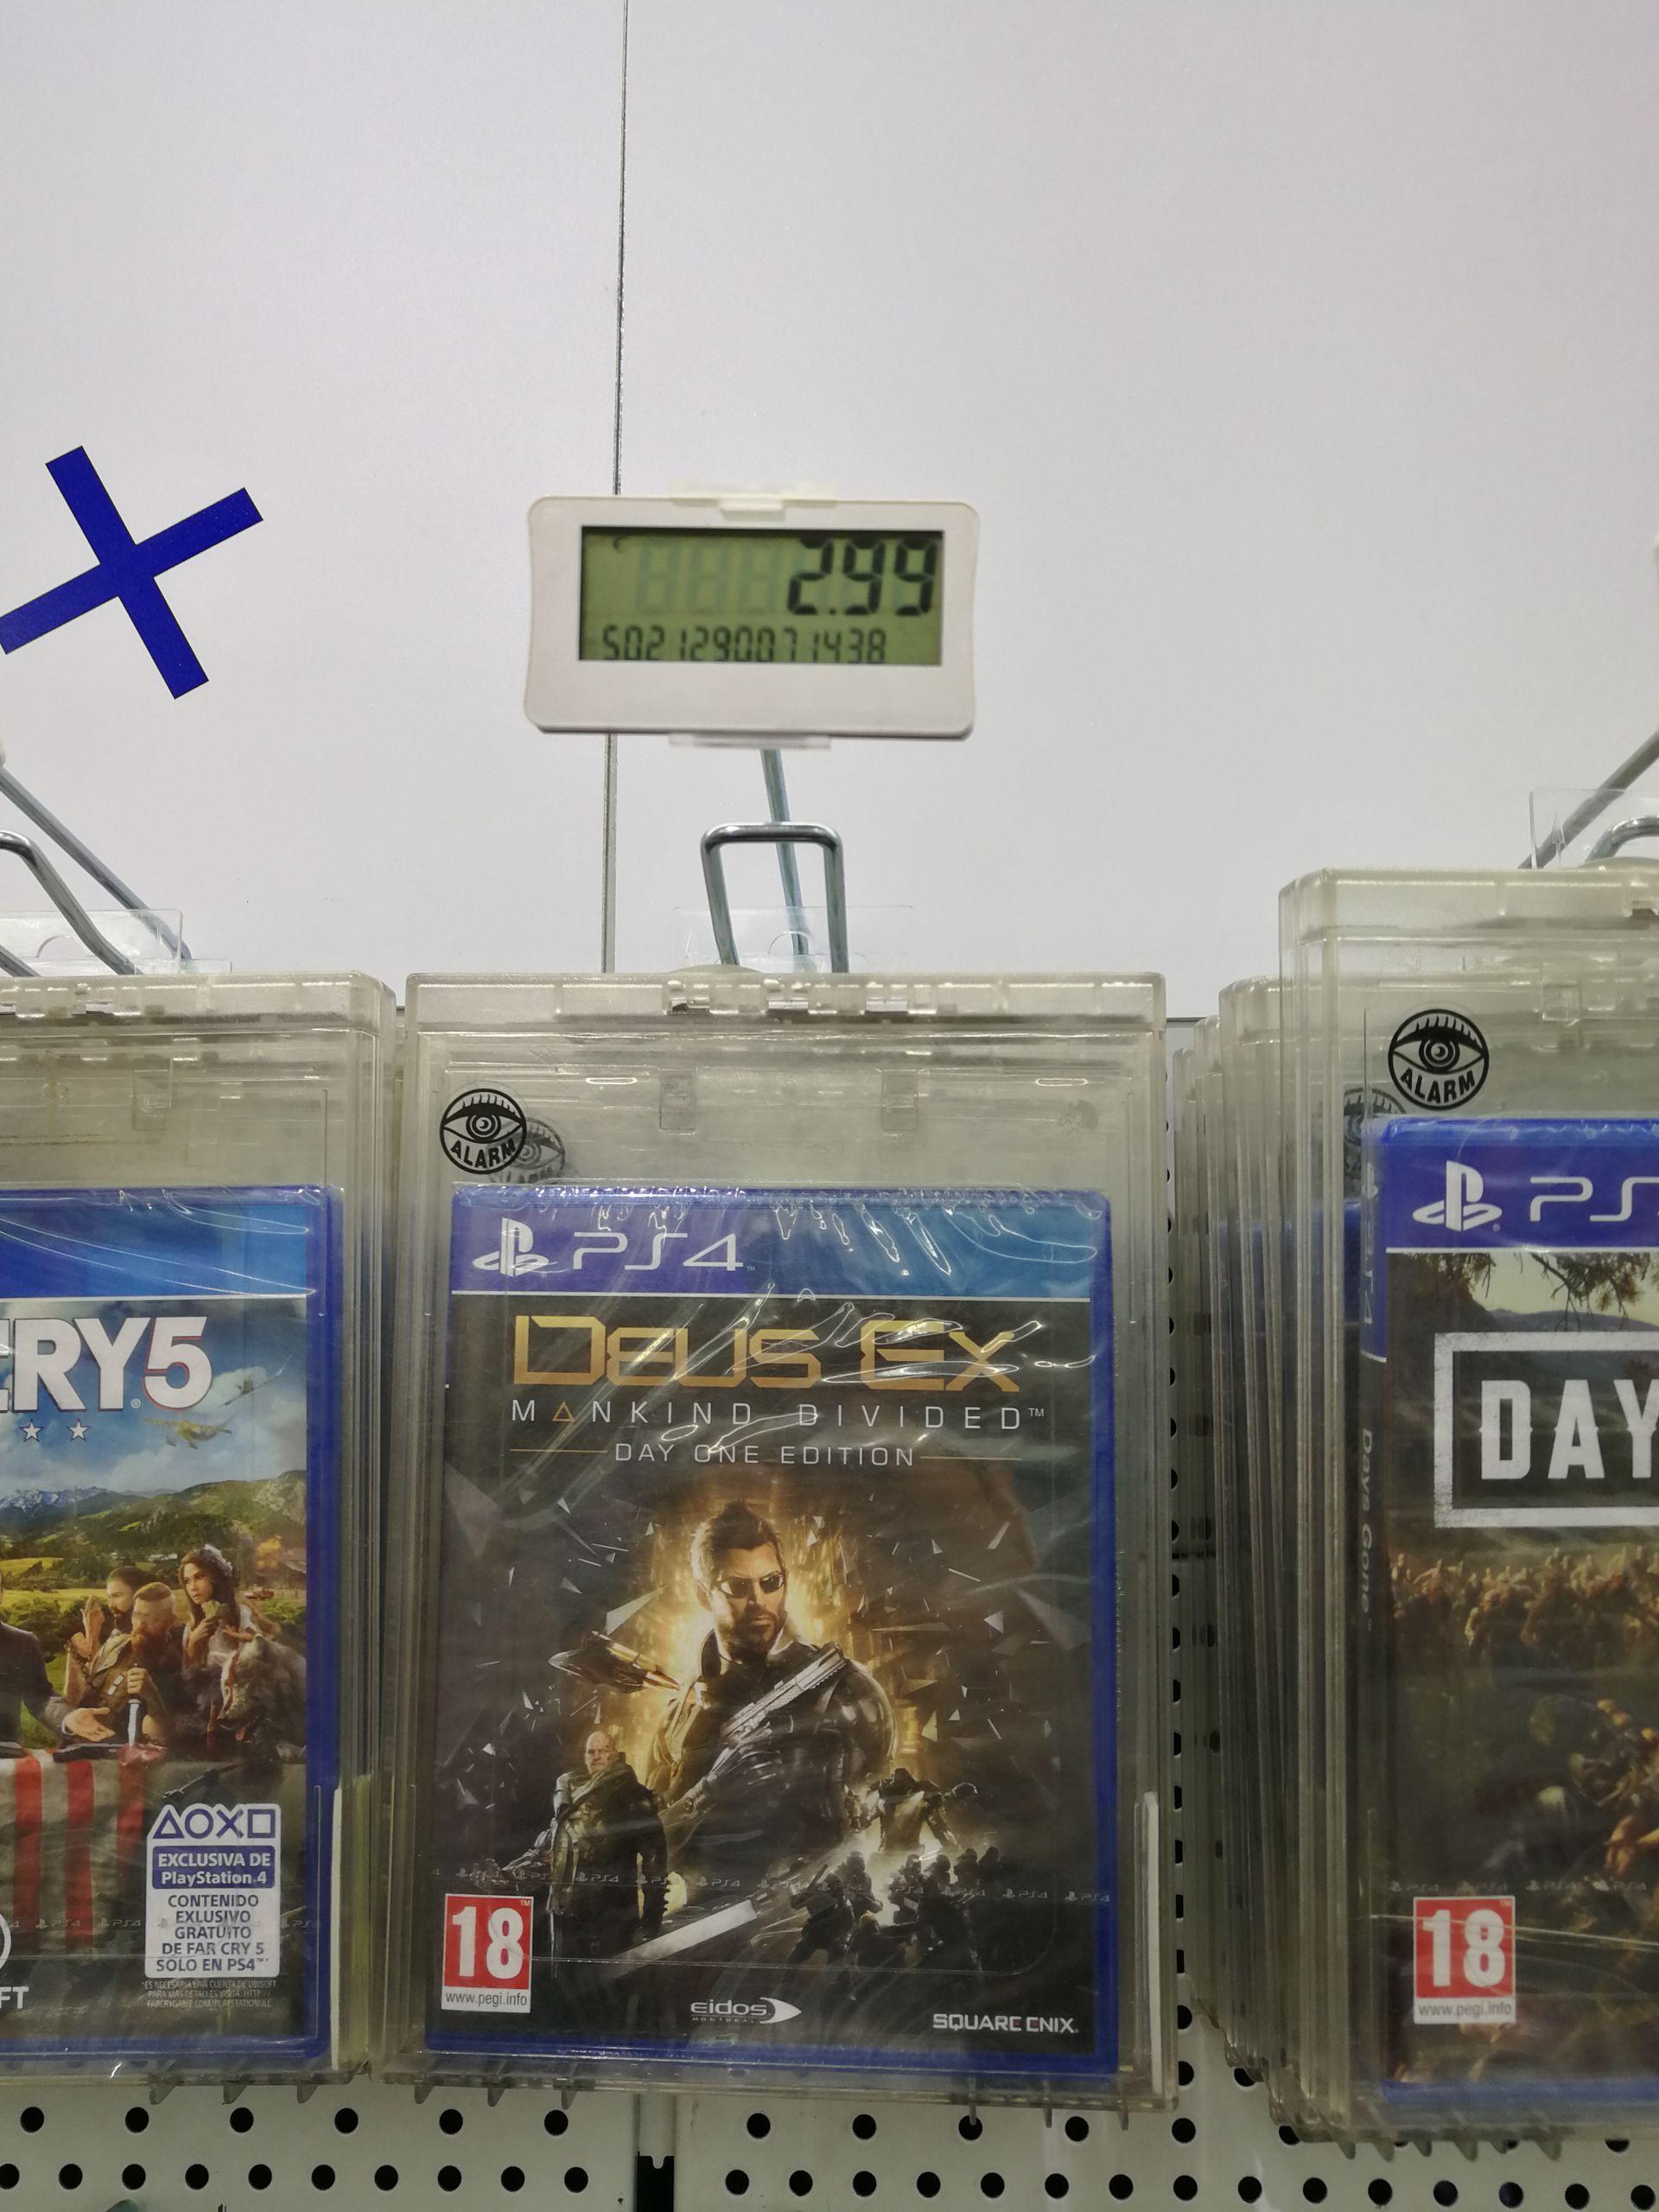 Deus ex ps4 mediamarkt